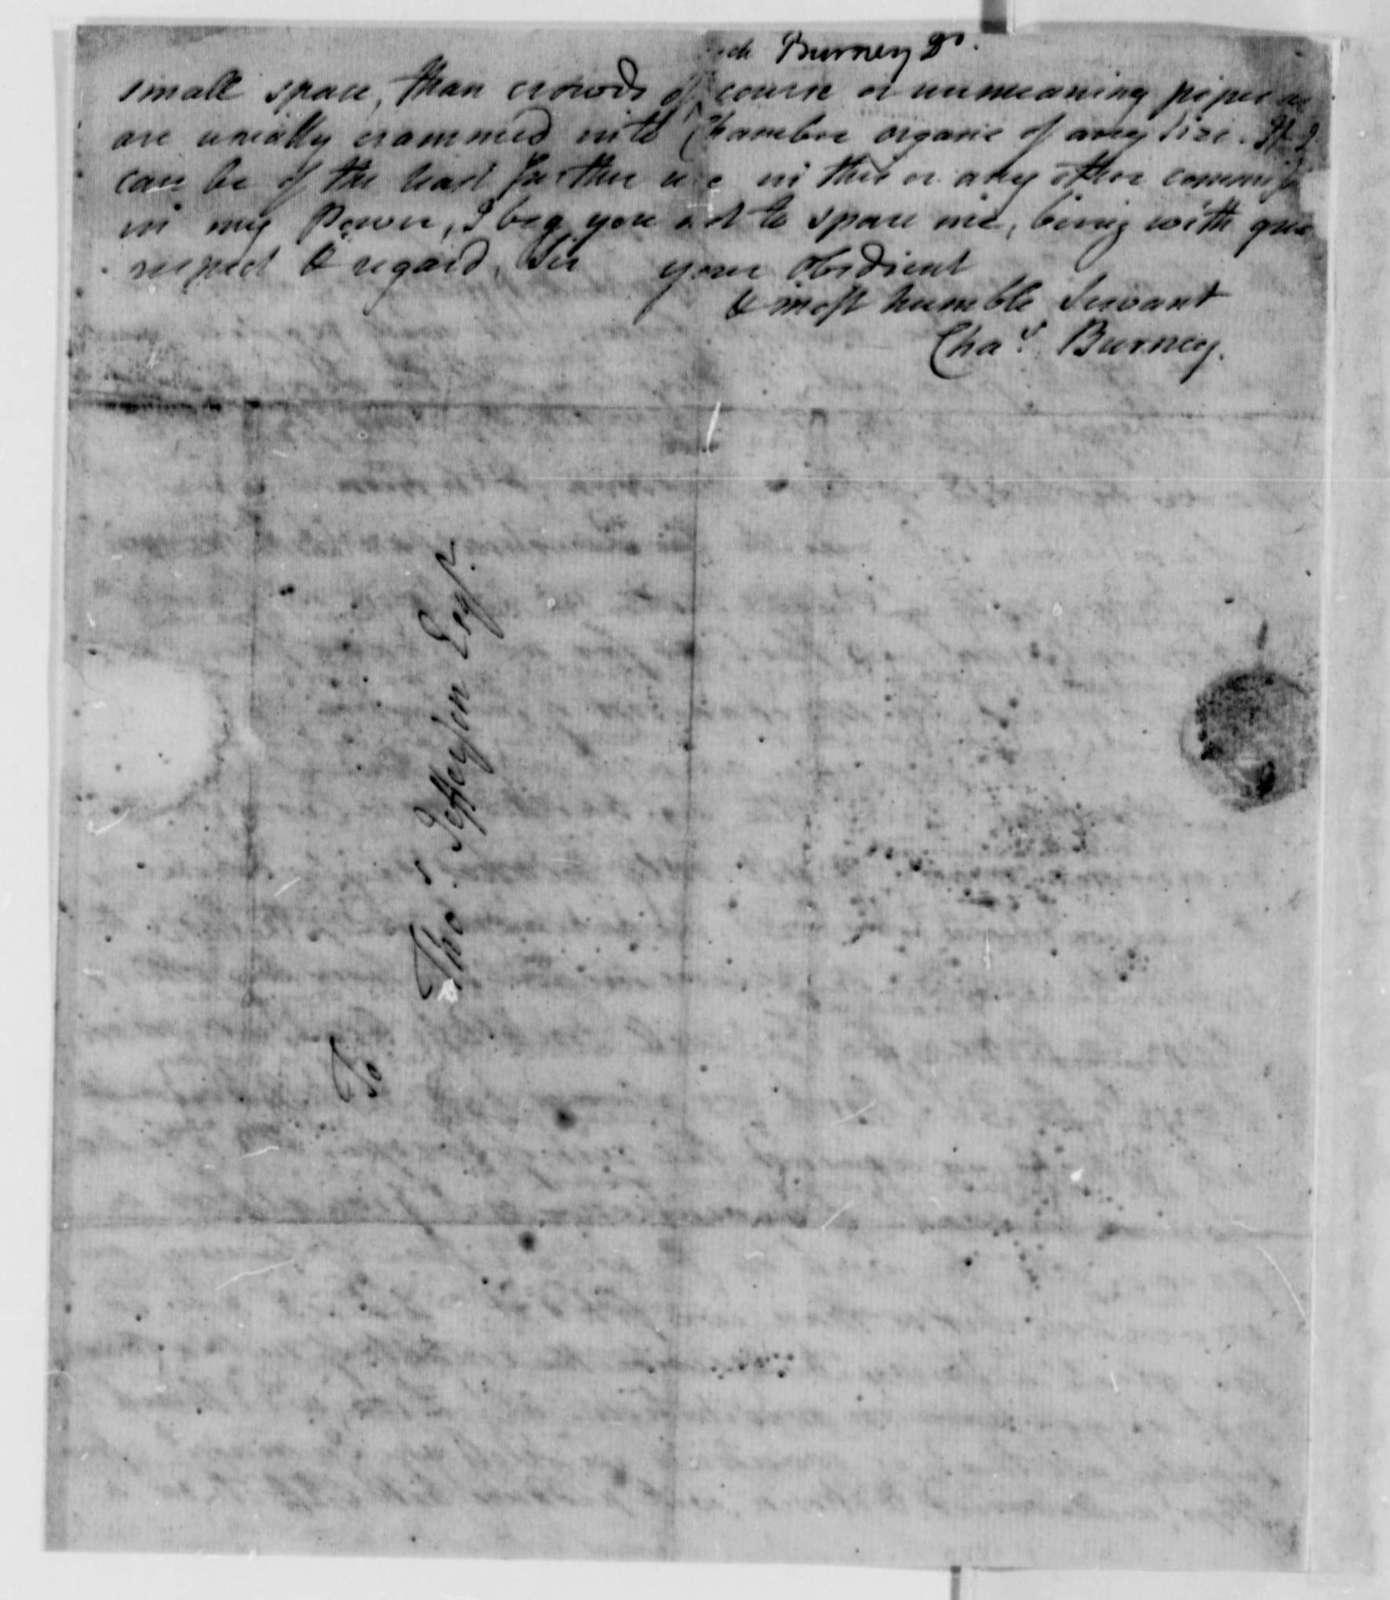 Charles Burney to Thomas Jefferson, January 20, 1787